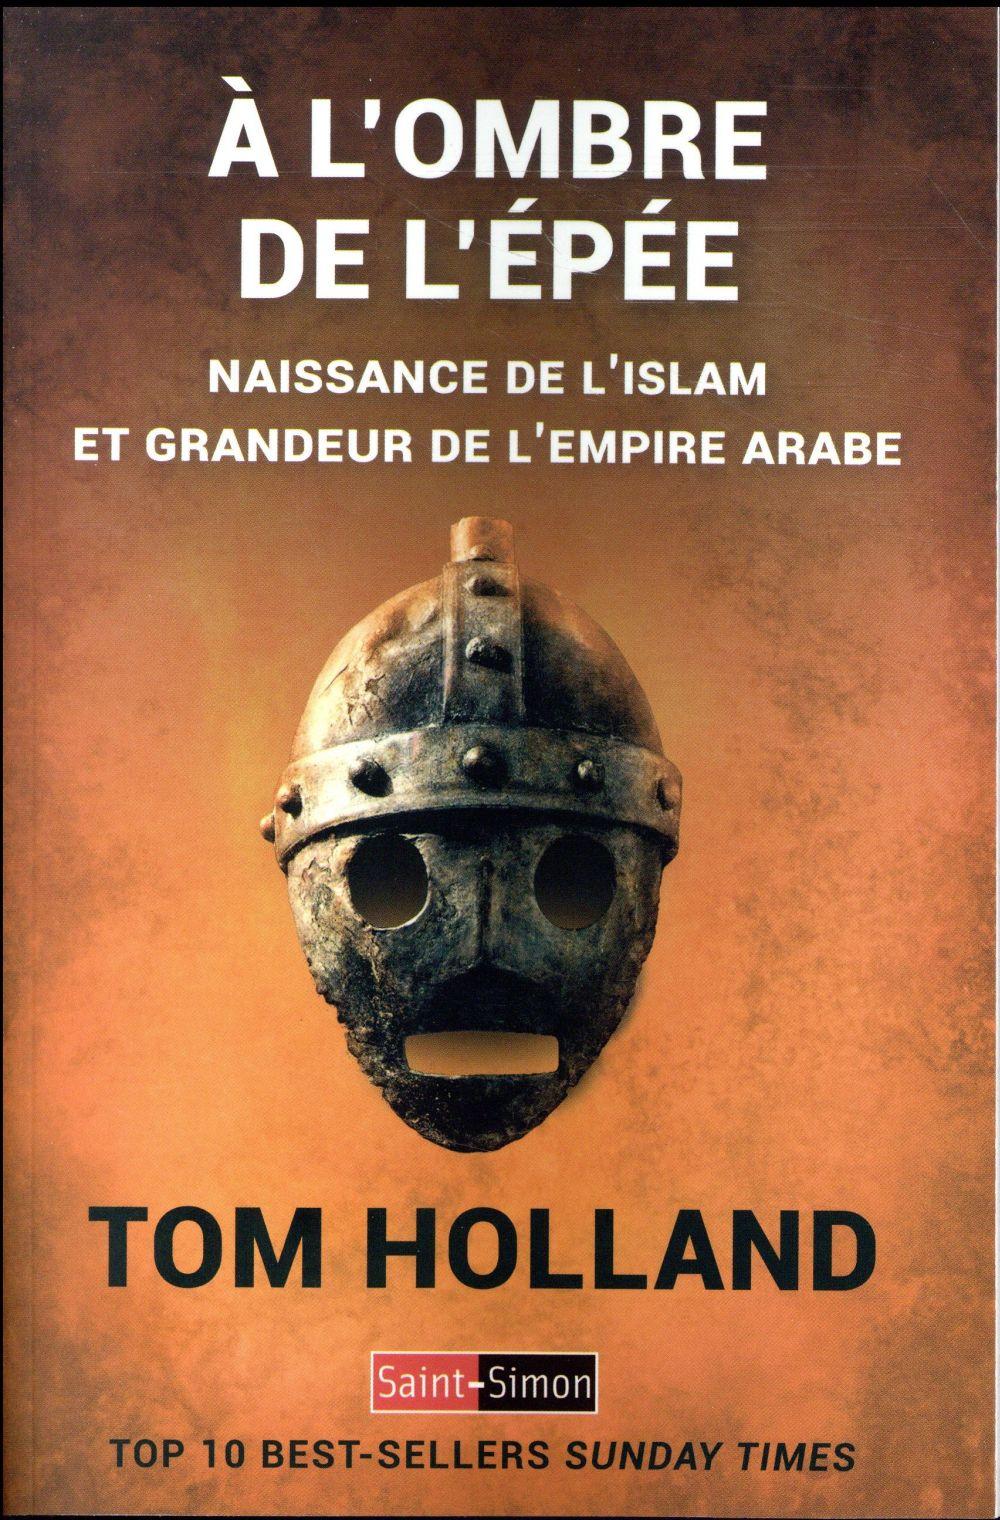 à l'ombre de l'épée ; naissance de l'islam et grandeur de l'empire arabe